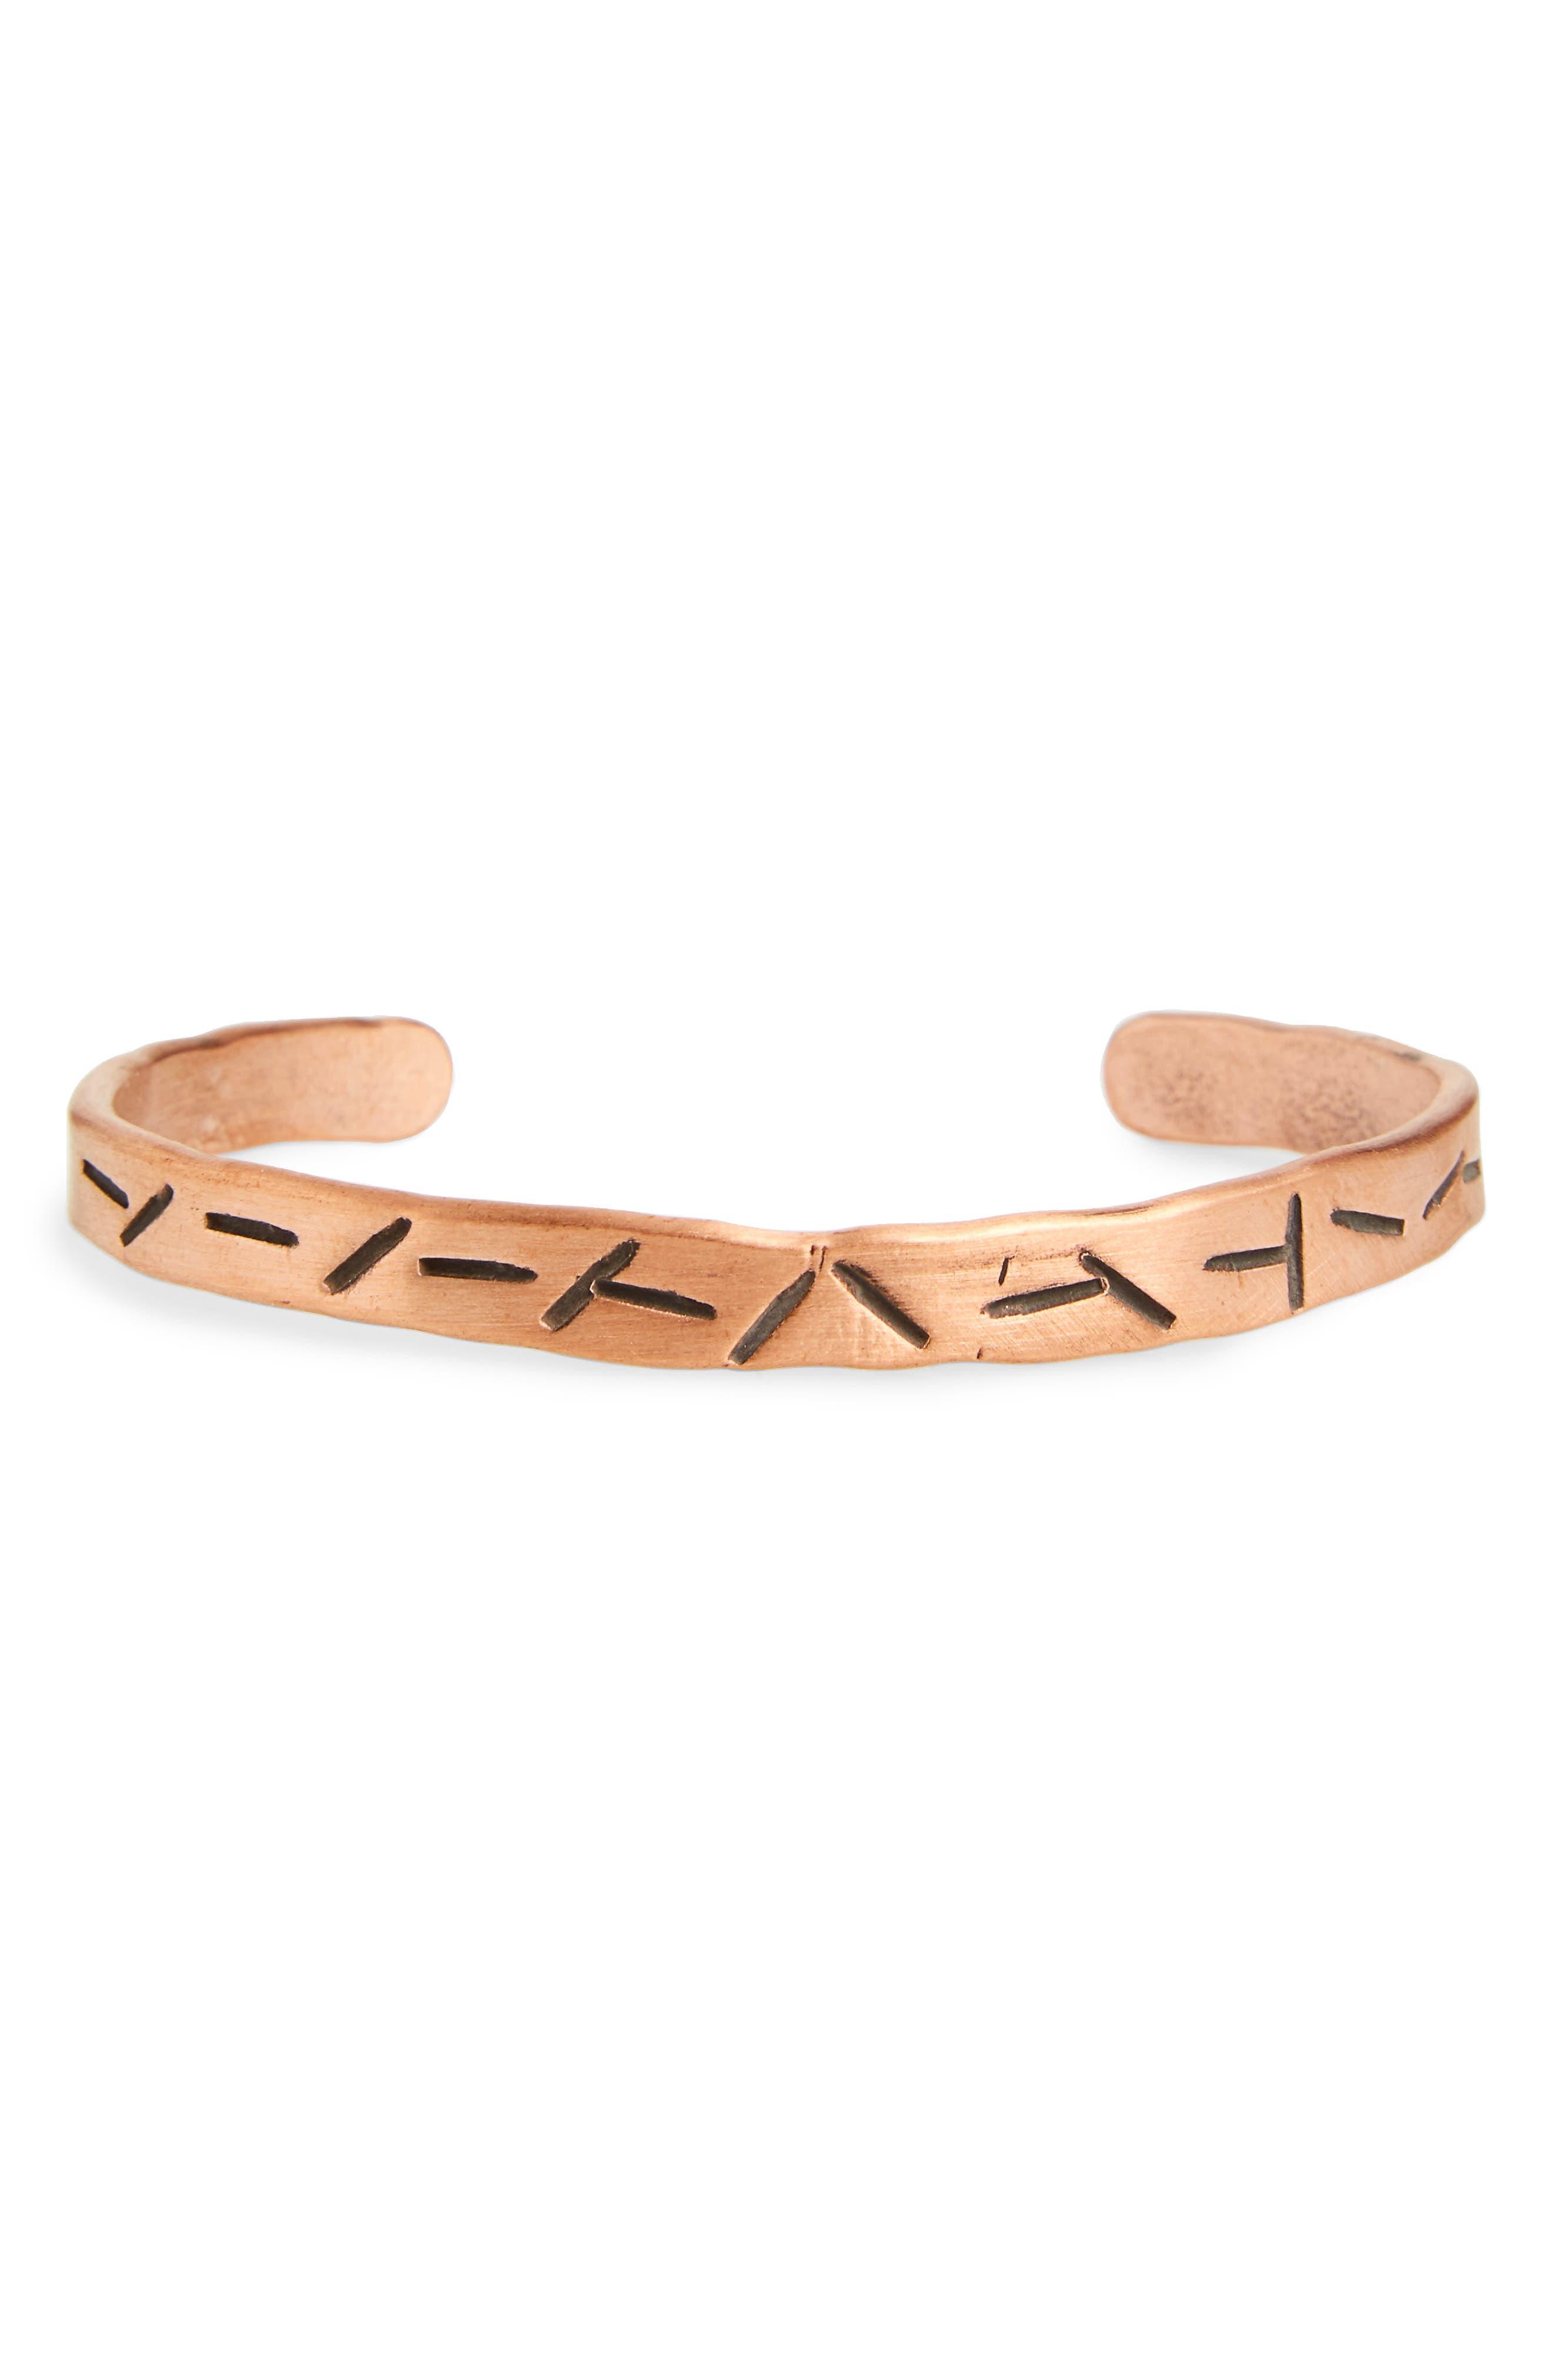 Cause & Effect Slash Copper Cuff Bracelet,                             Main thumbnail 1, color,                             Copper